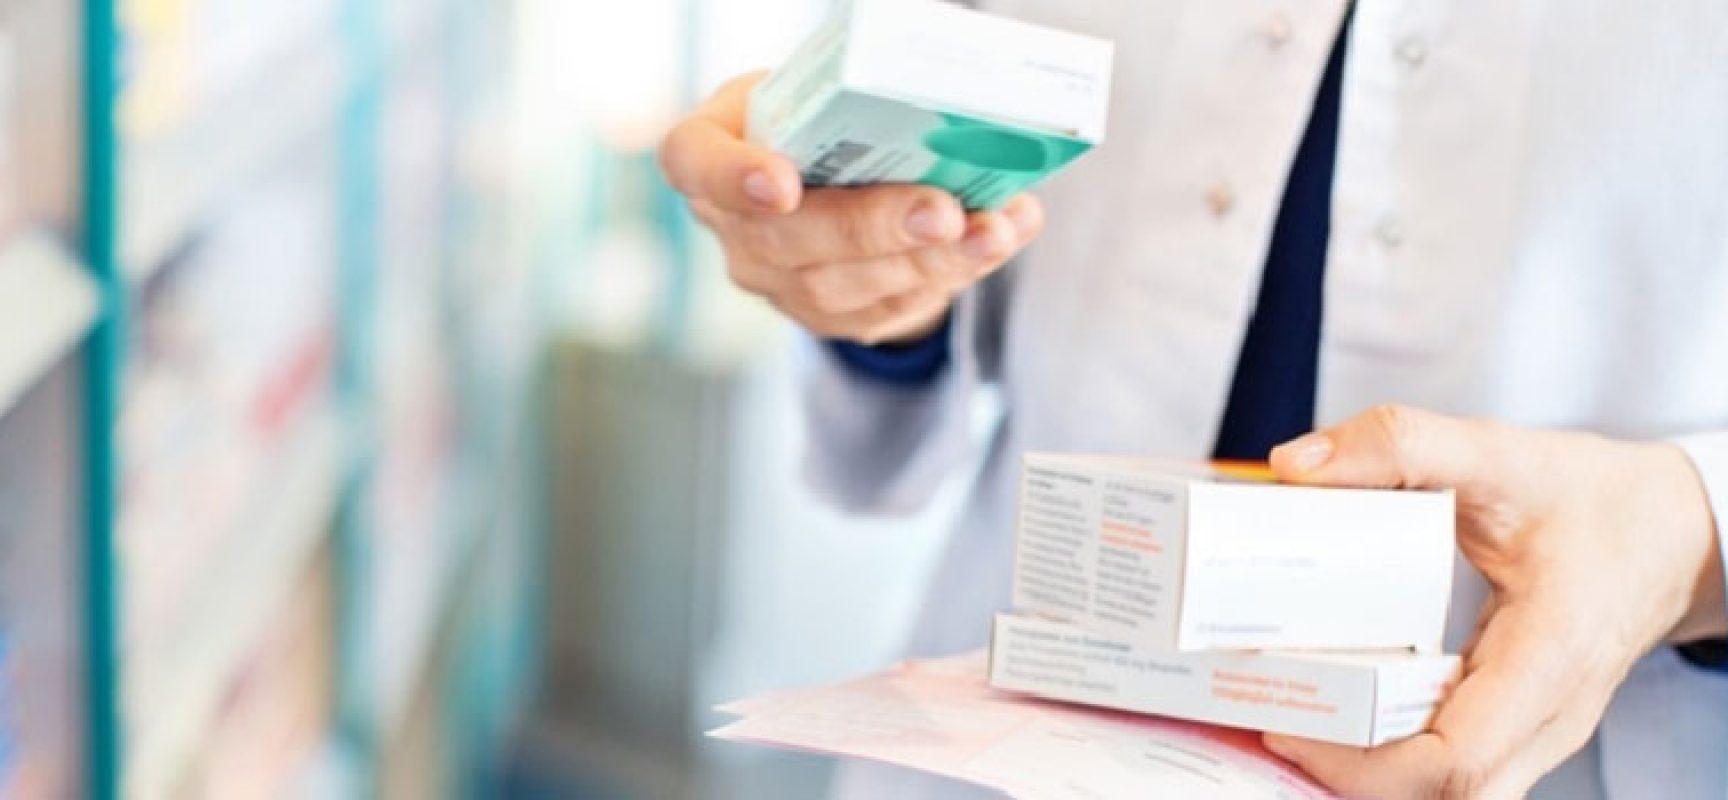 Coronavirus, non serve più ricetta medica cartacea: in farmacia basta un codice / DETTAGLI